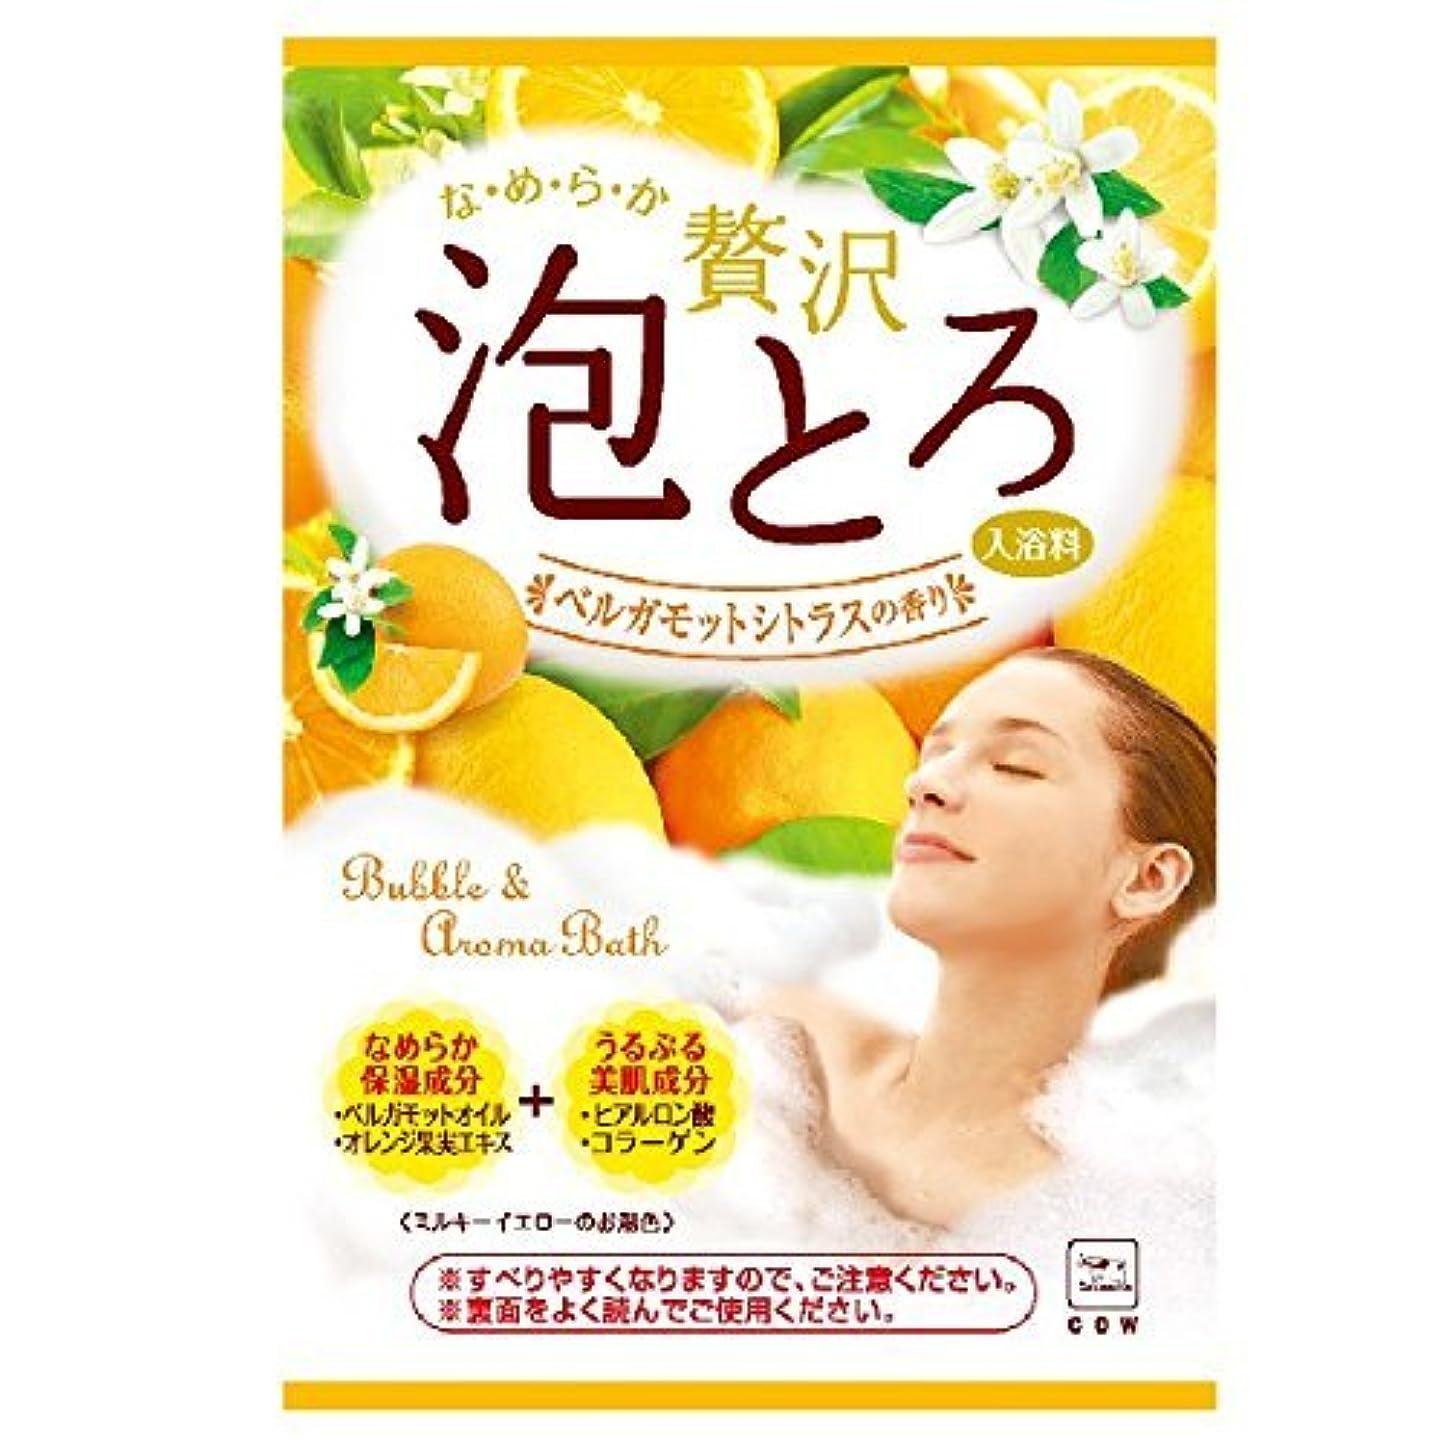 光沢のある上下する磁器牛乳石鹸 お湯物語 贅沢泡とろ 入浴料 ベルガモットシトラスの香り 30g 1個